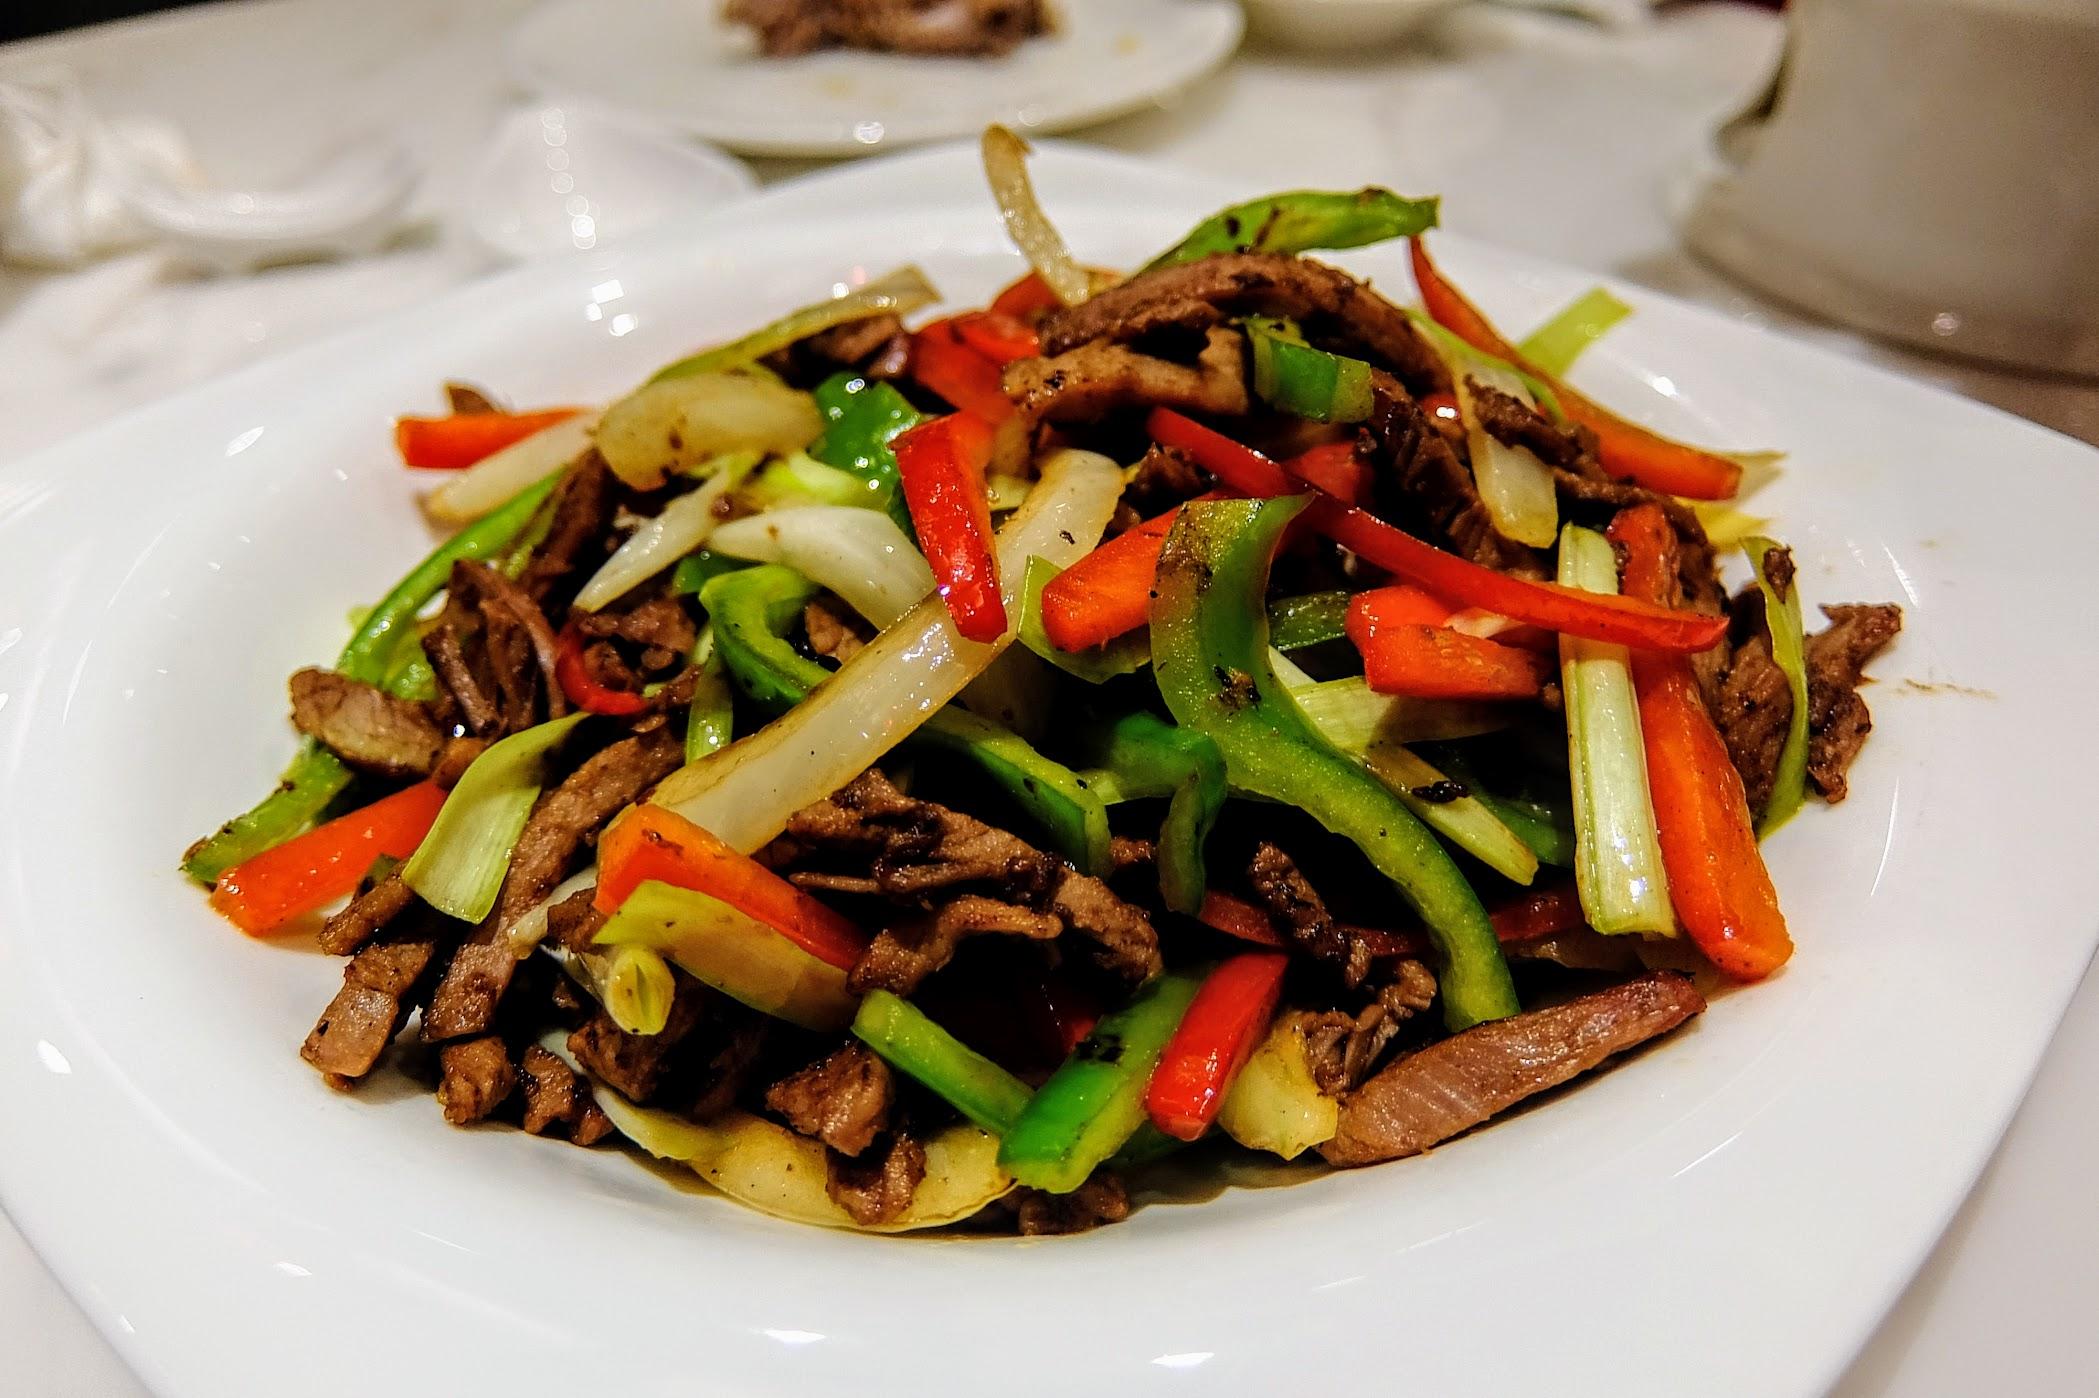 鴨肉拌炒很特別,因為一般烤鴨的炒鴨肉就是用著九層塔之類的去炒,這一家是用許多紅椒青椒洋蔥等,茄醬汁而成